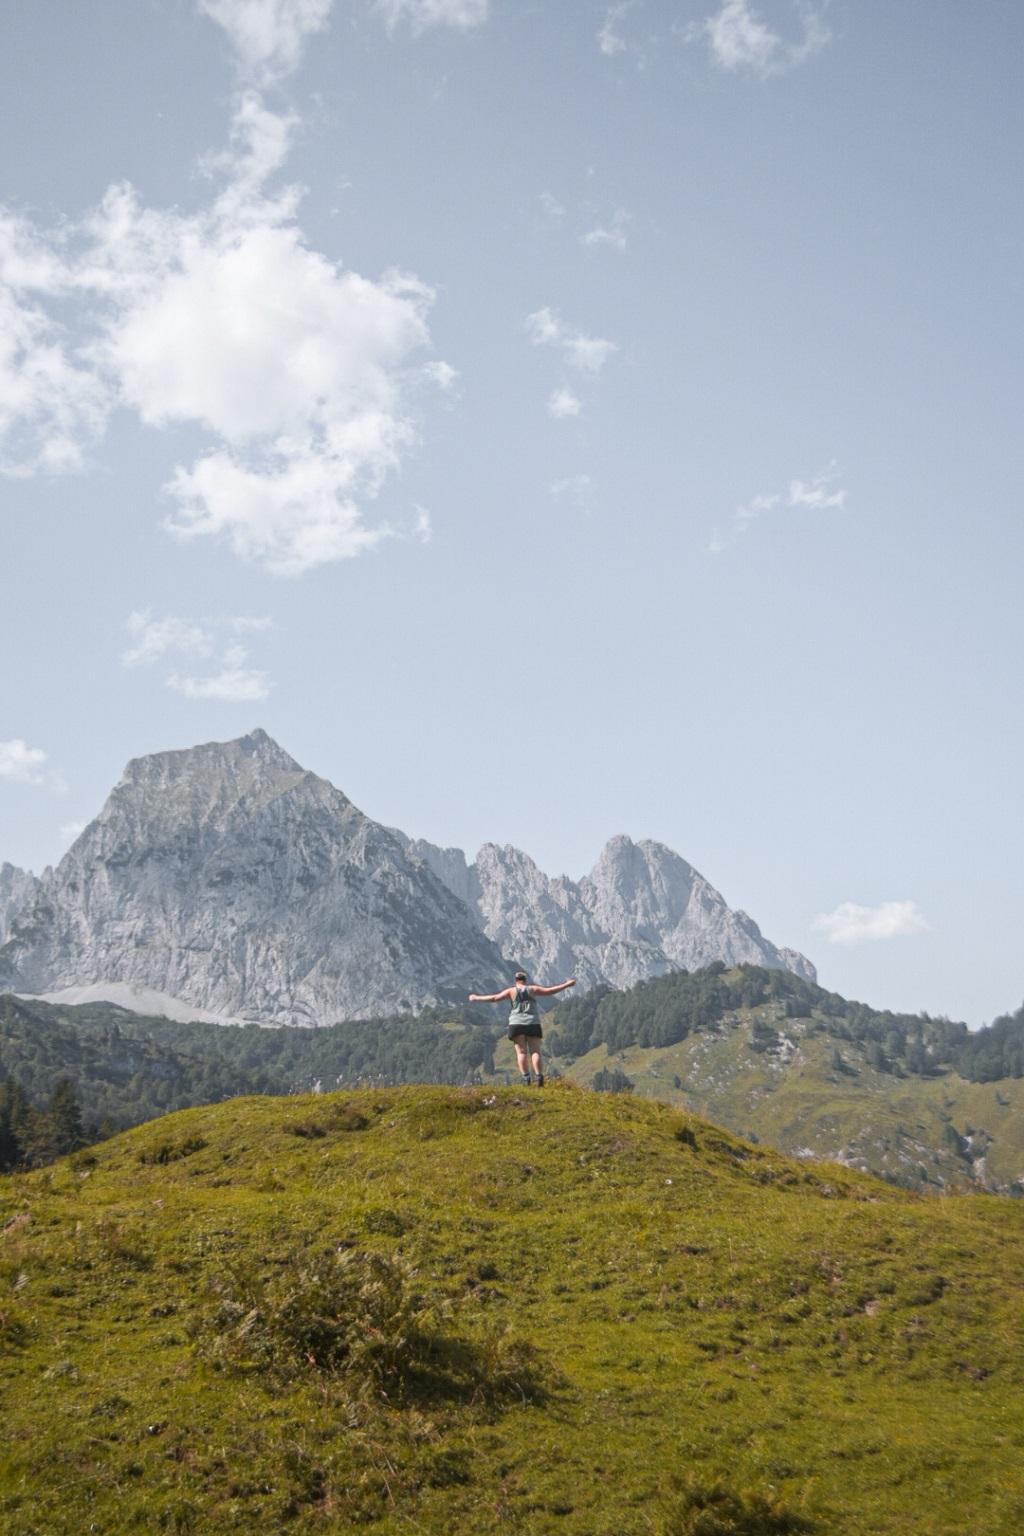 Aufnahme beim Wandern vor Berg auf dem Koasa Trail